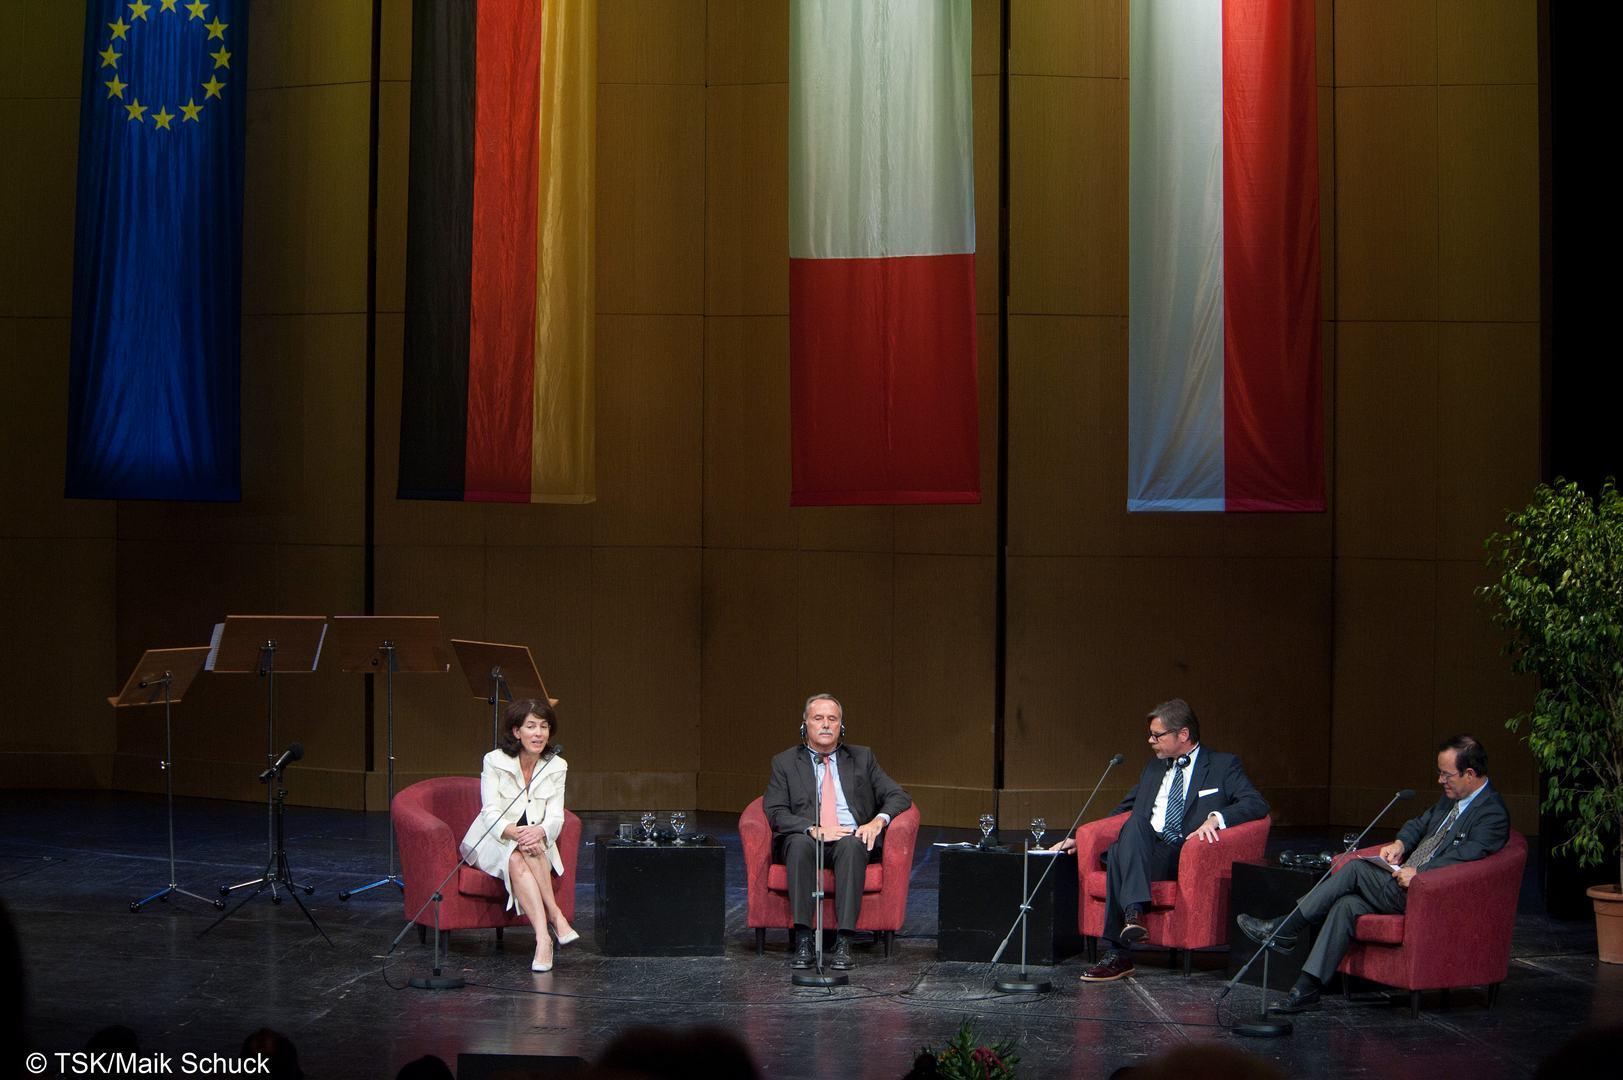 """Festveranstaltung zum 20. Jahrestag der Gründung des """"Weimarer Dreiecks"""" mit Verleihung des Adam-Mickiewicz-Preises, Deutsches Nationaltheater Weimar"""